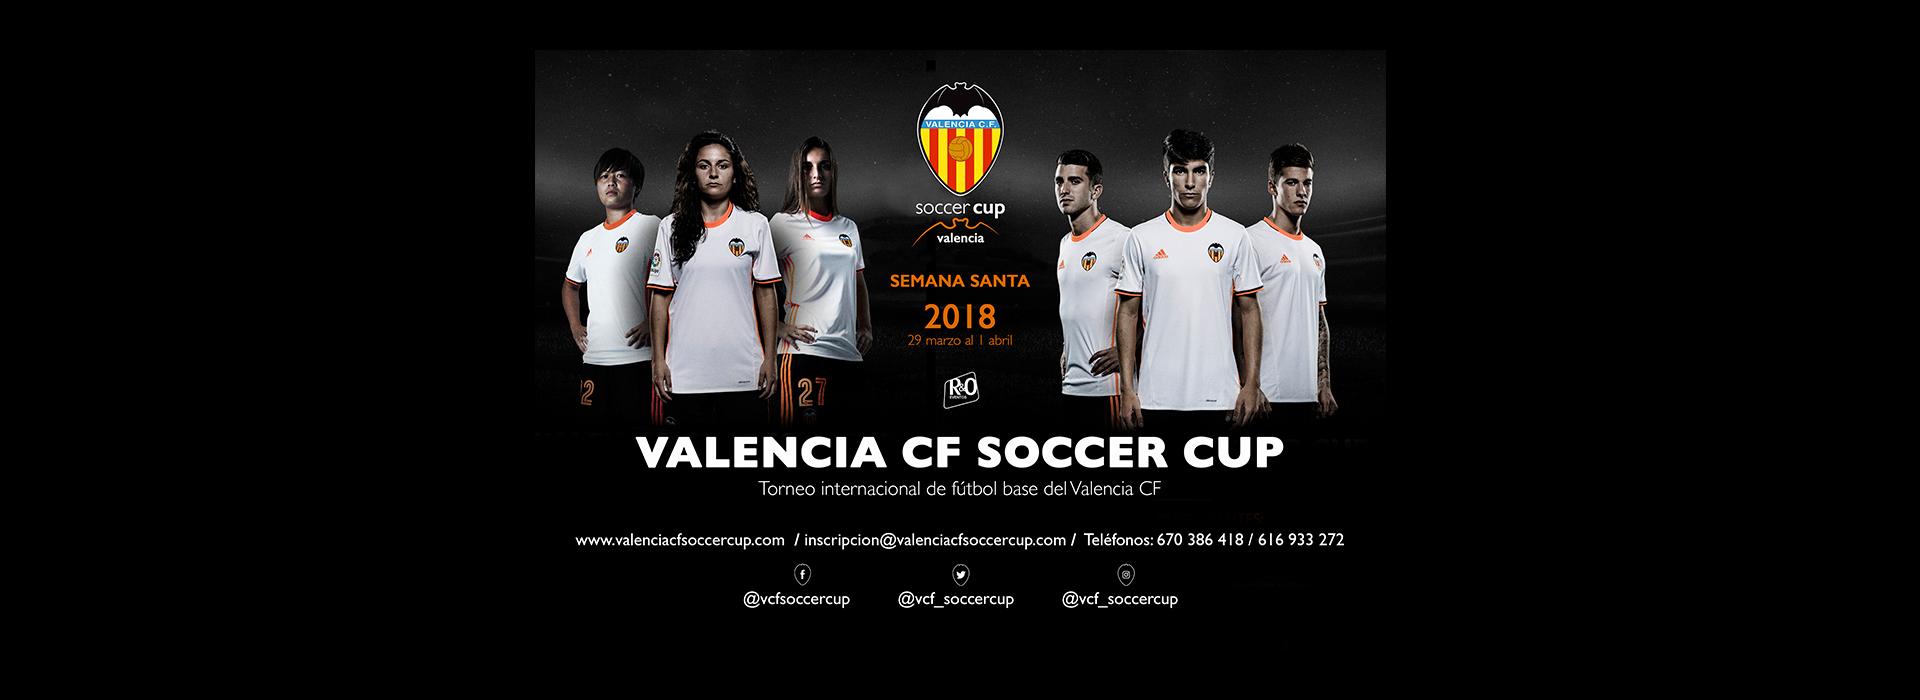 La Valencia CF Soccer Cup un torneo de fútbol base que se consolida